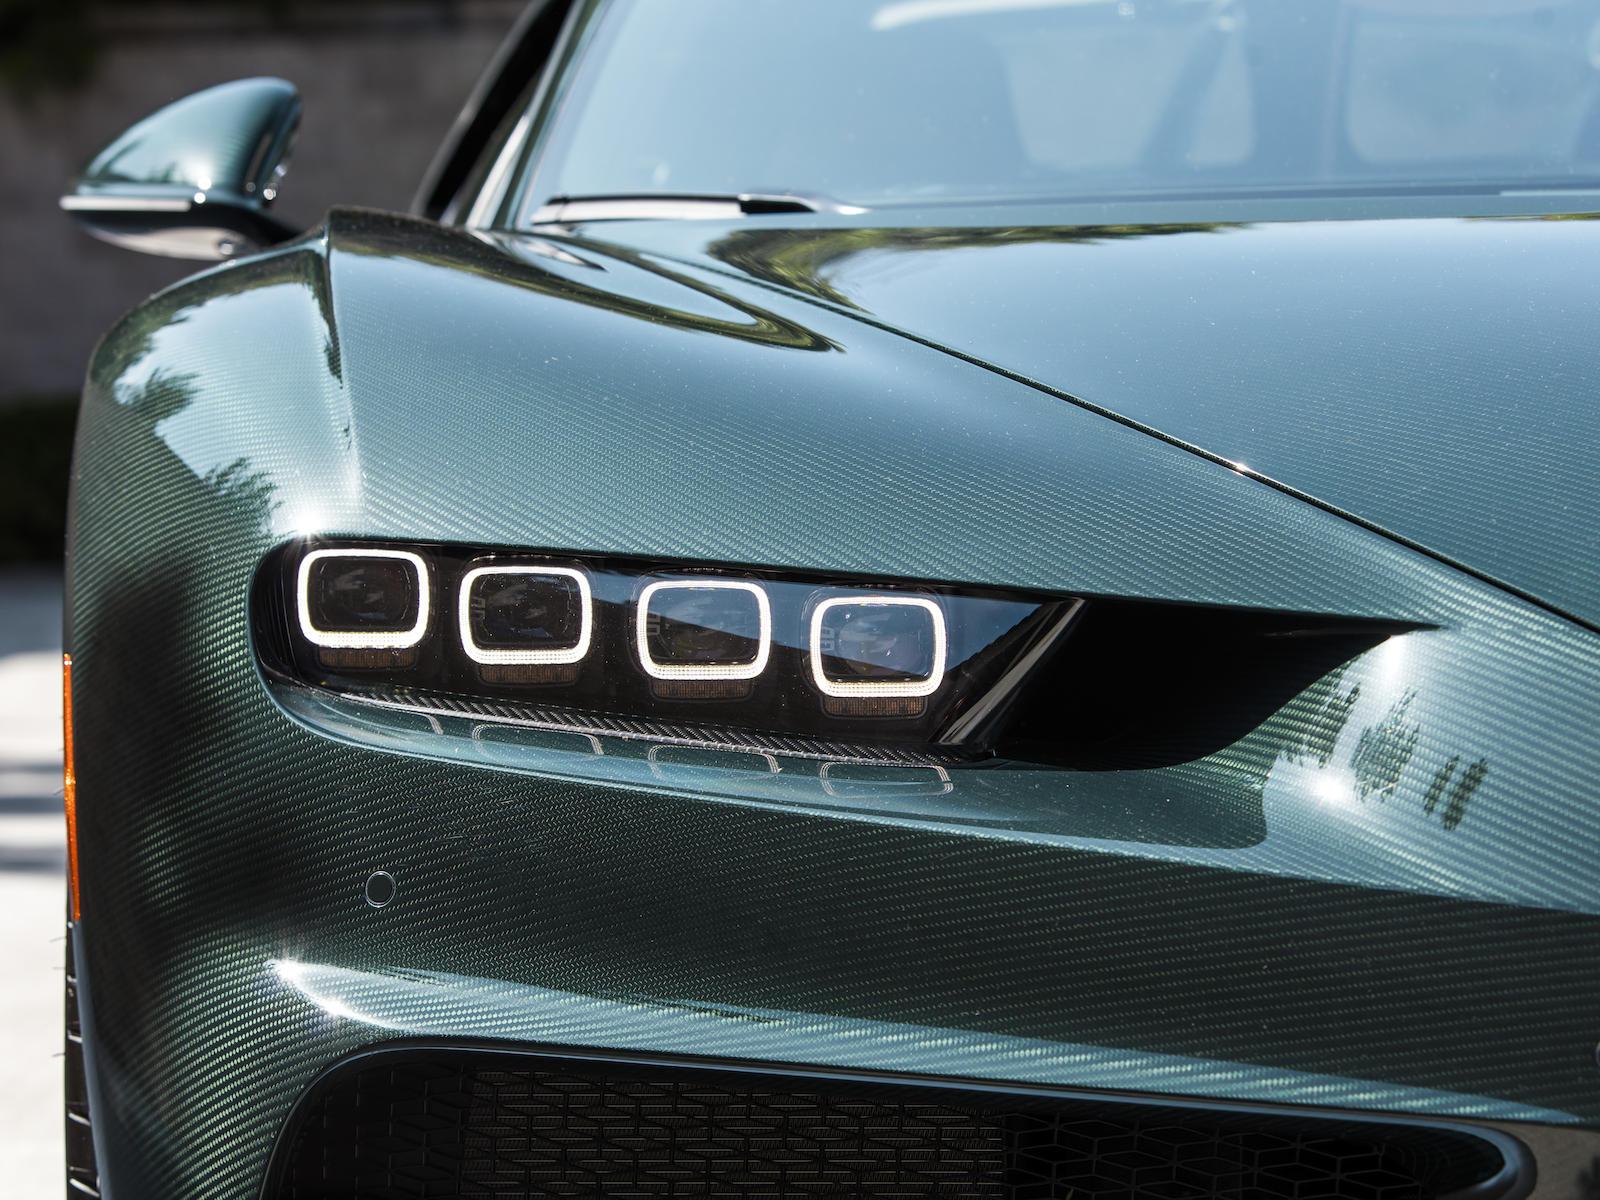 Bugatti Chiron headlight